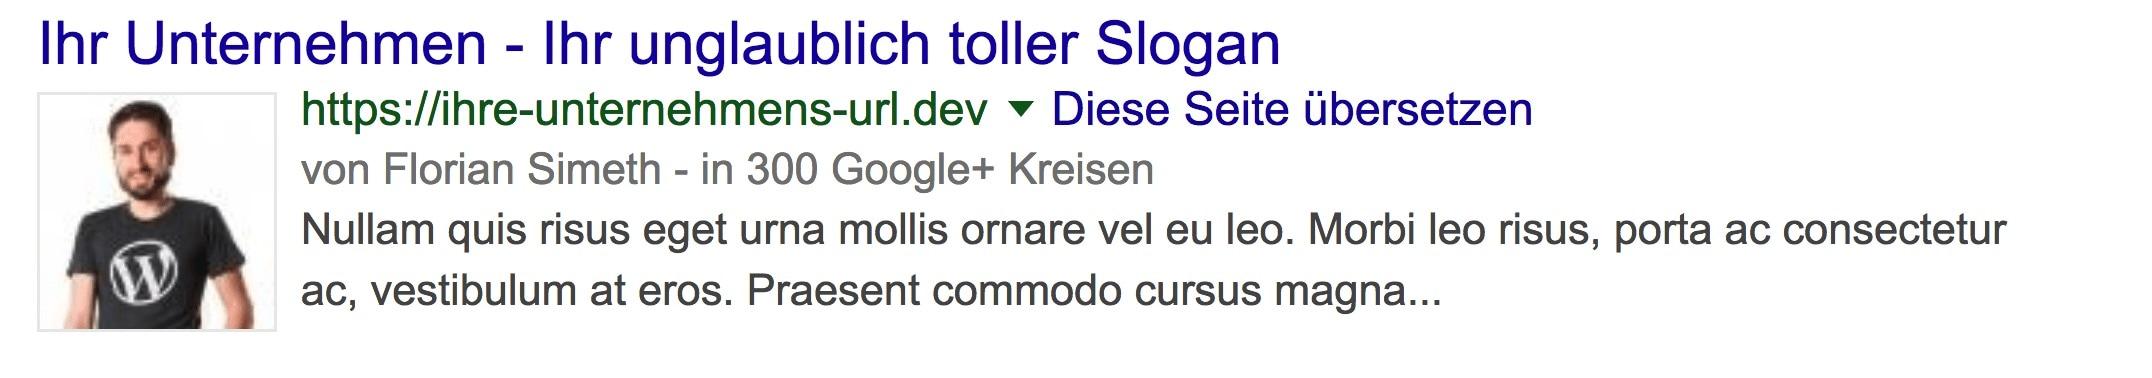 Rich Snippet Suchtreffer bei Google